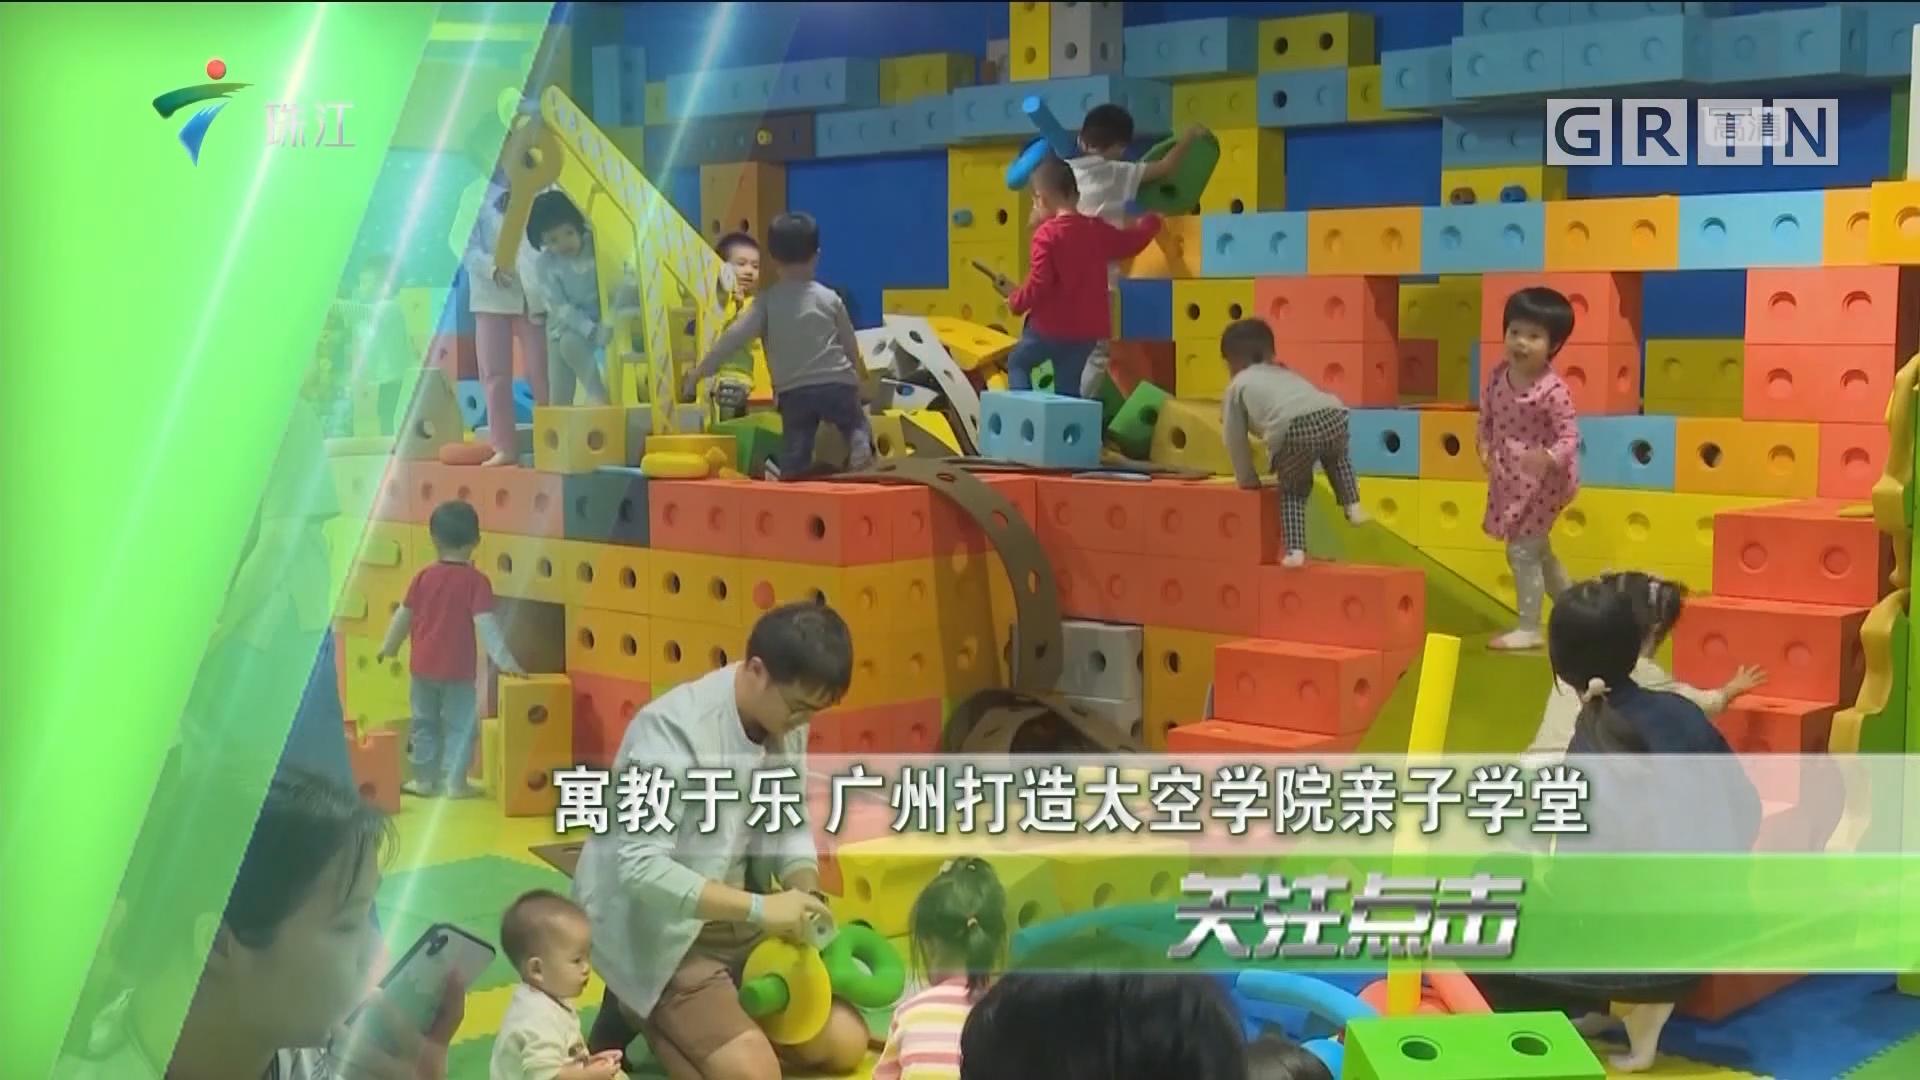 寓教于乐 广州打造太空学院亲子学堂